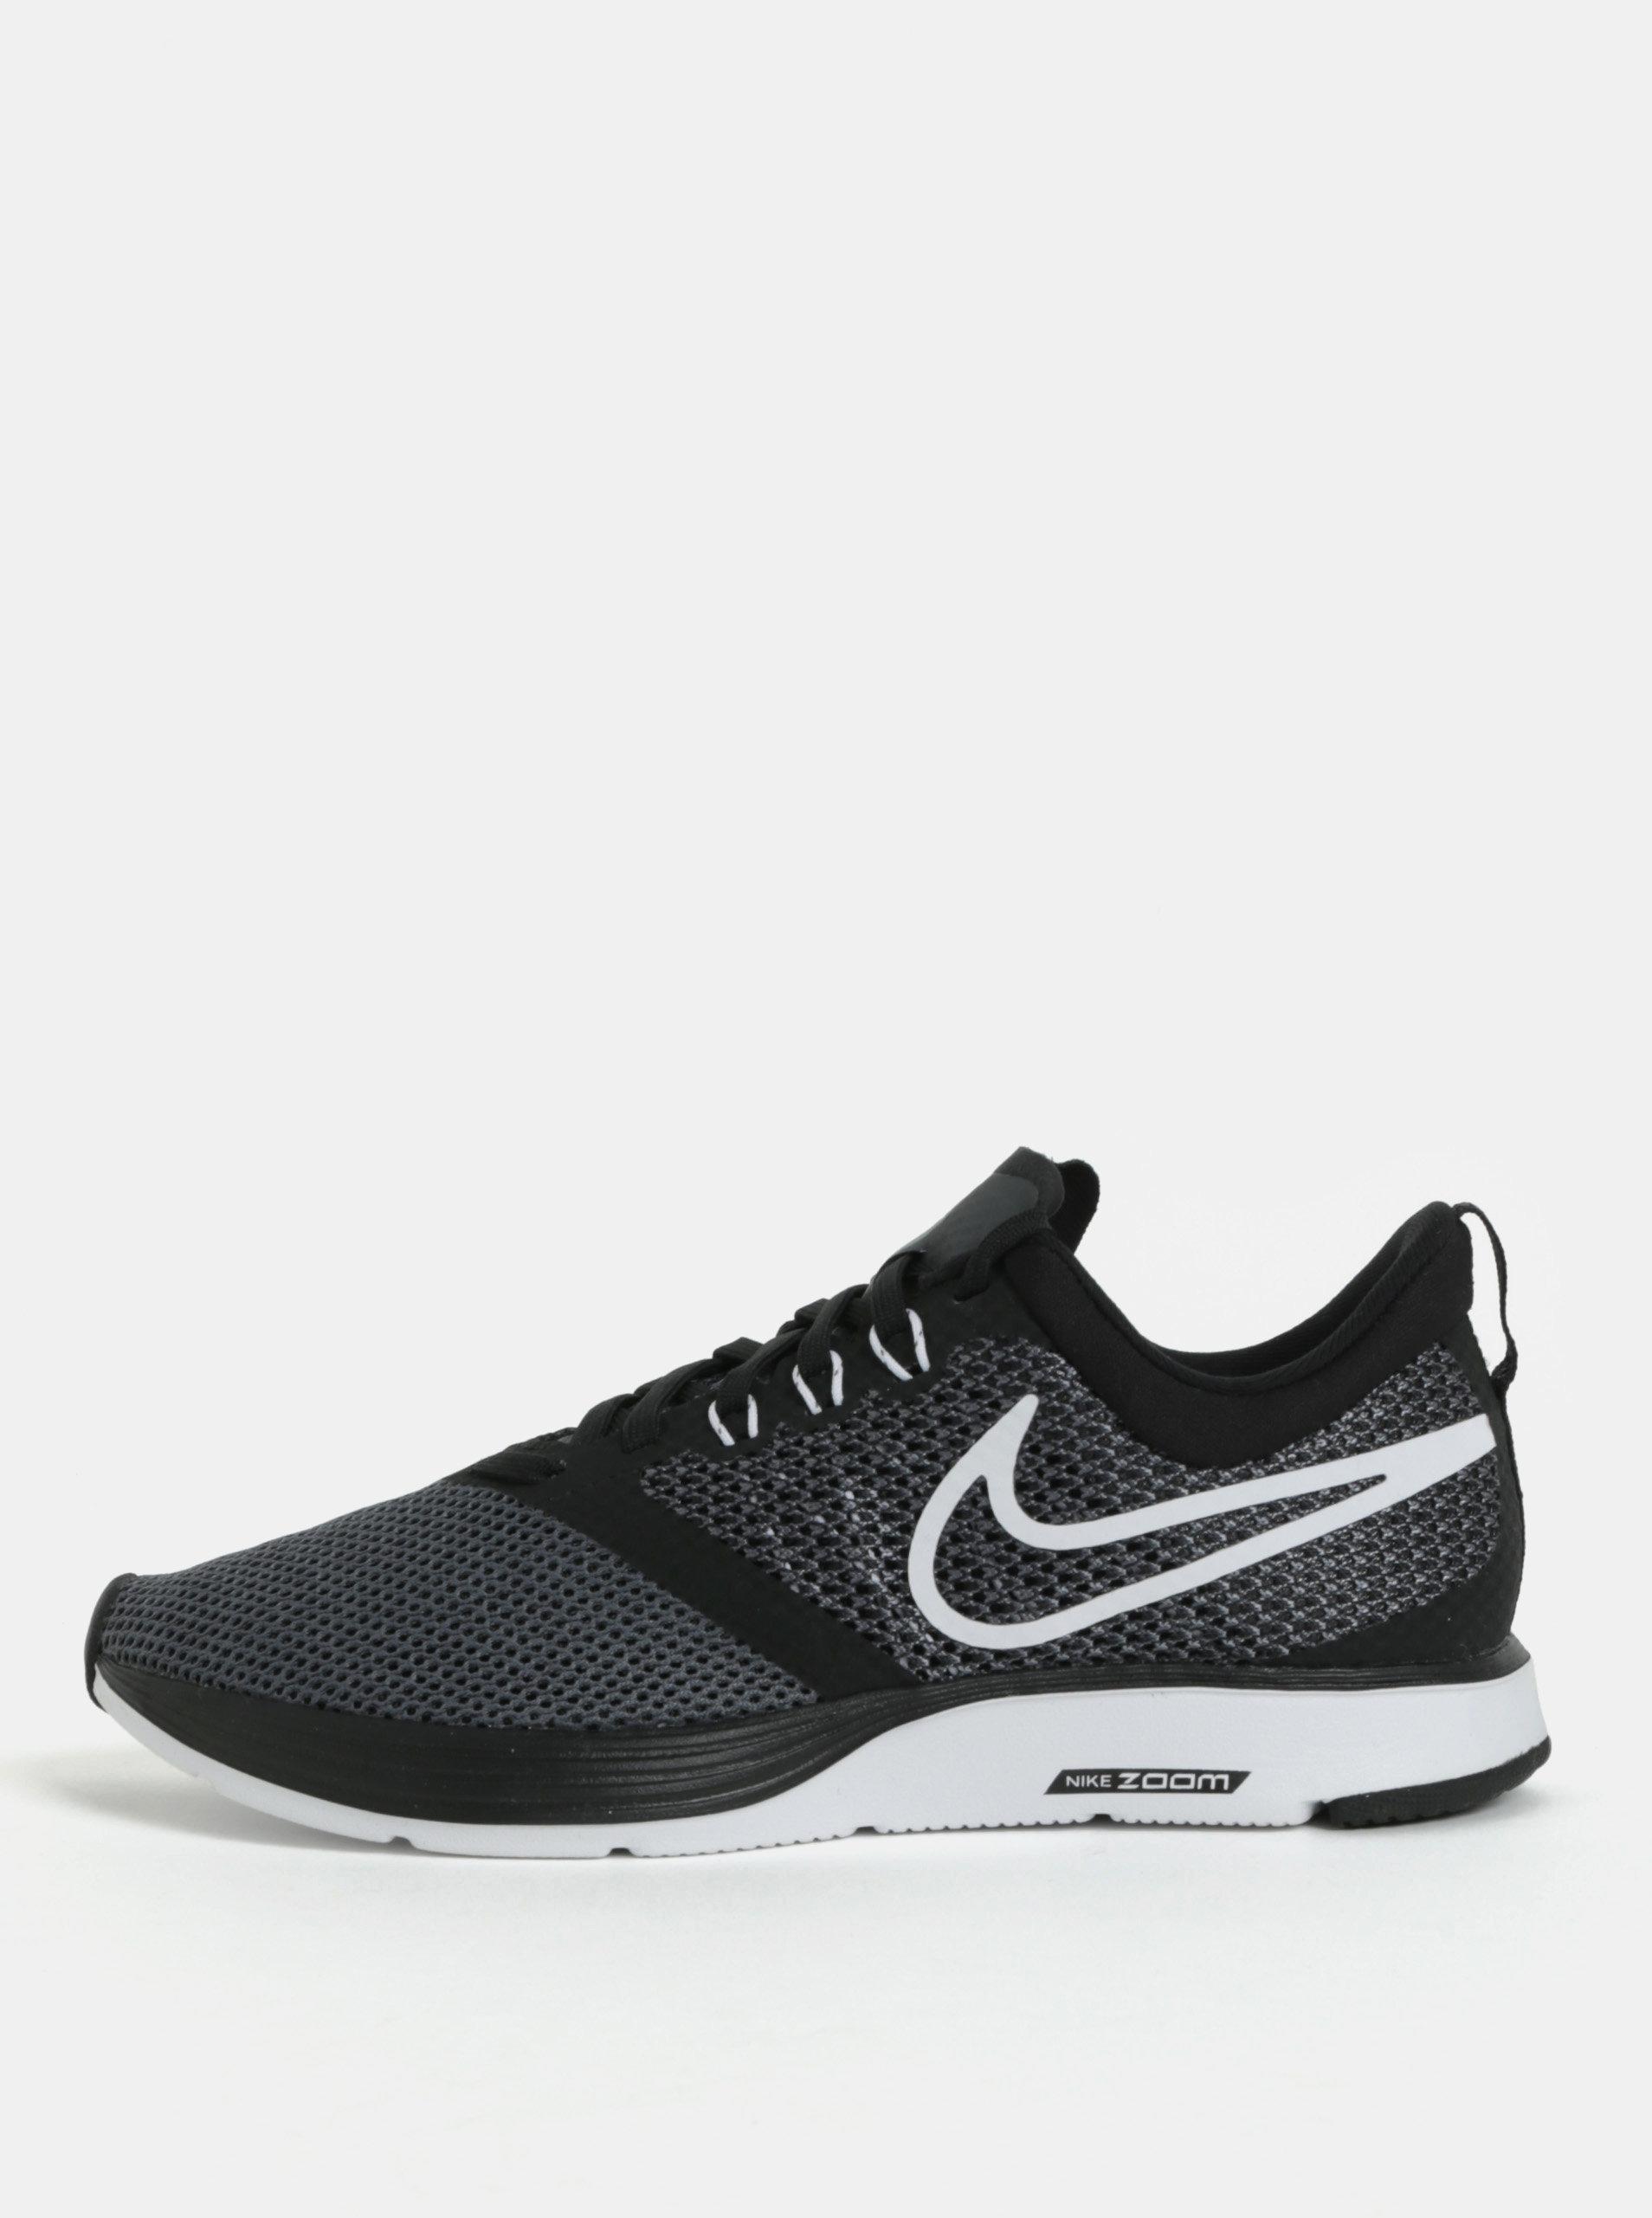 11a0b0daa15 Zeleno-černé dámské tenisky Nike Zoom Strike ...